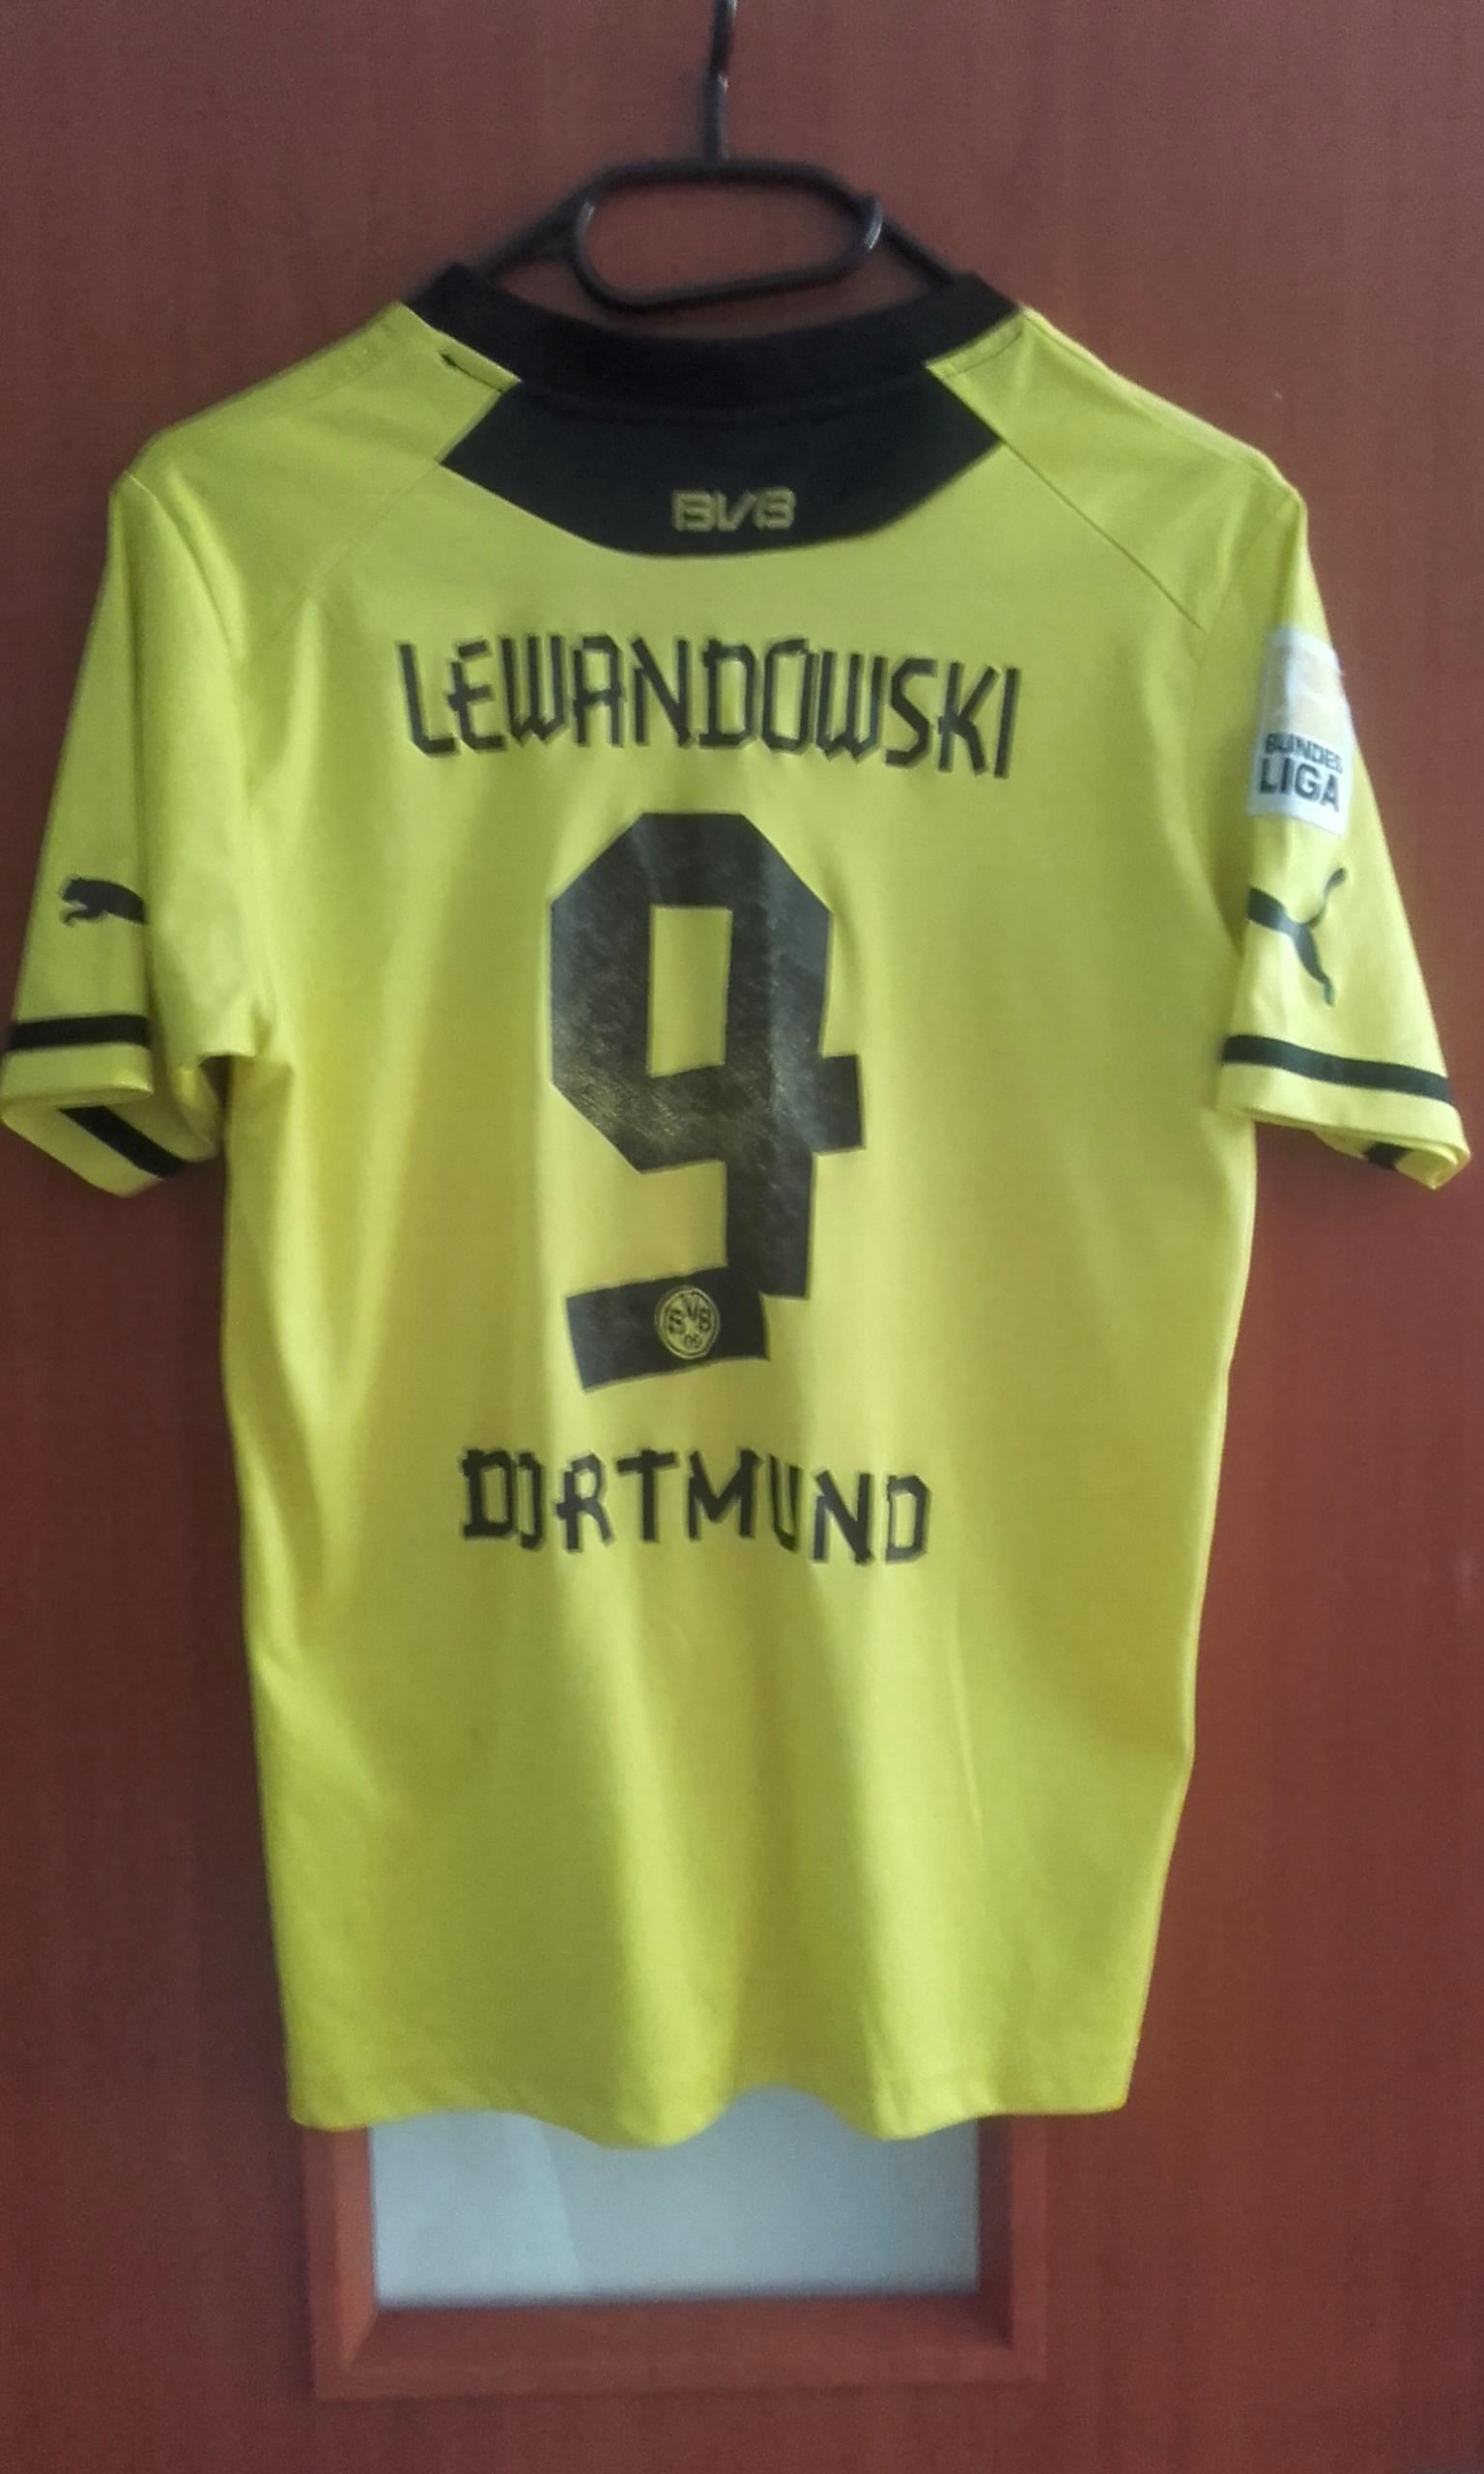 Koszulka Puma Borussia Dortmund Lewandowski 13-14